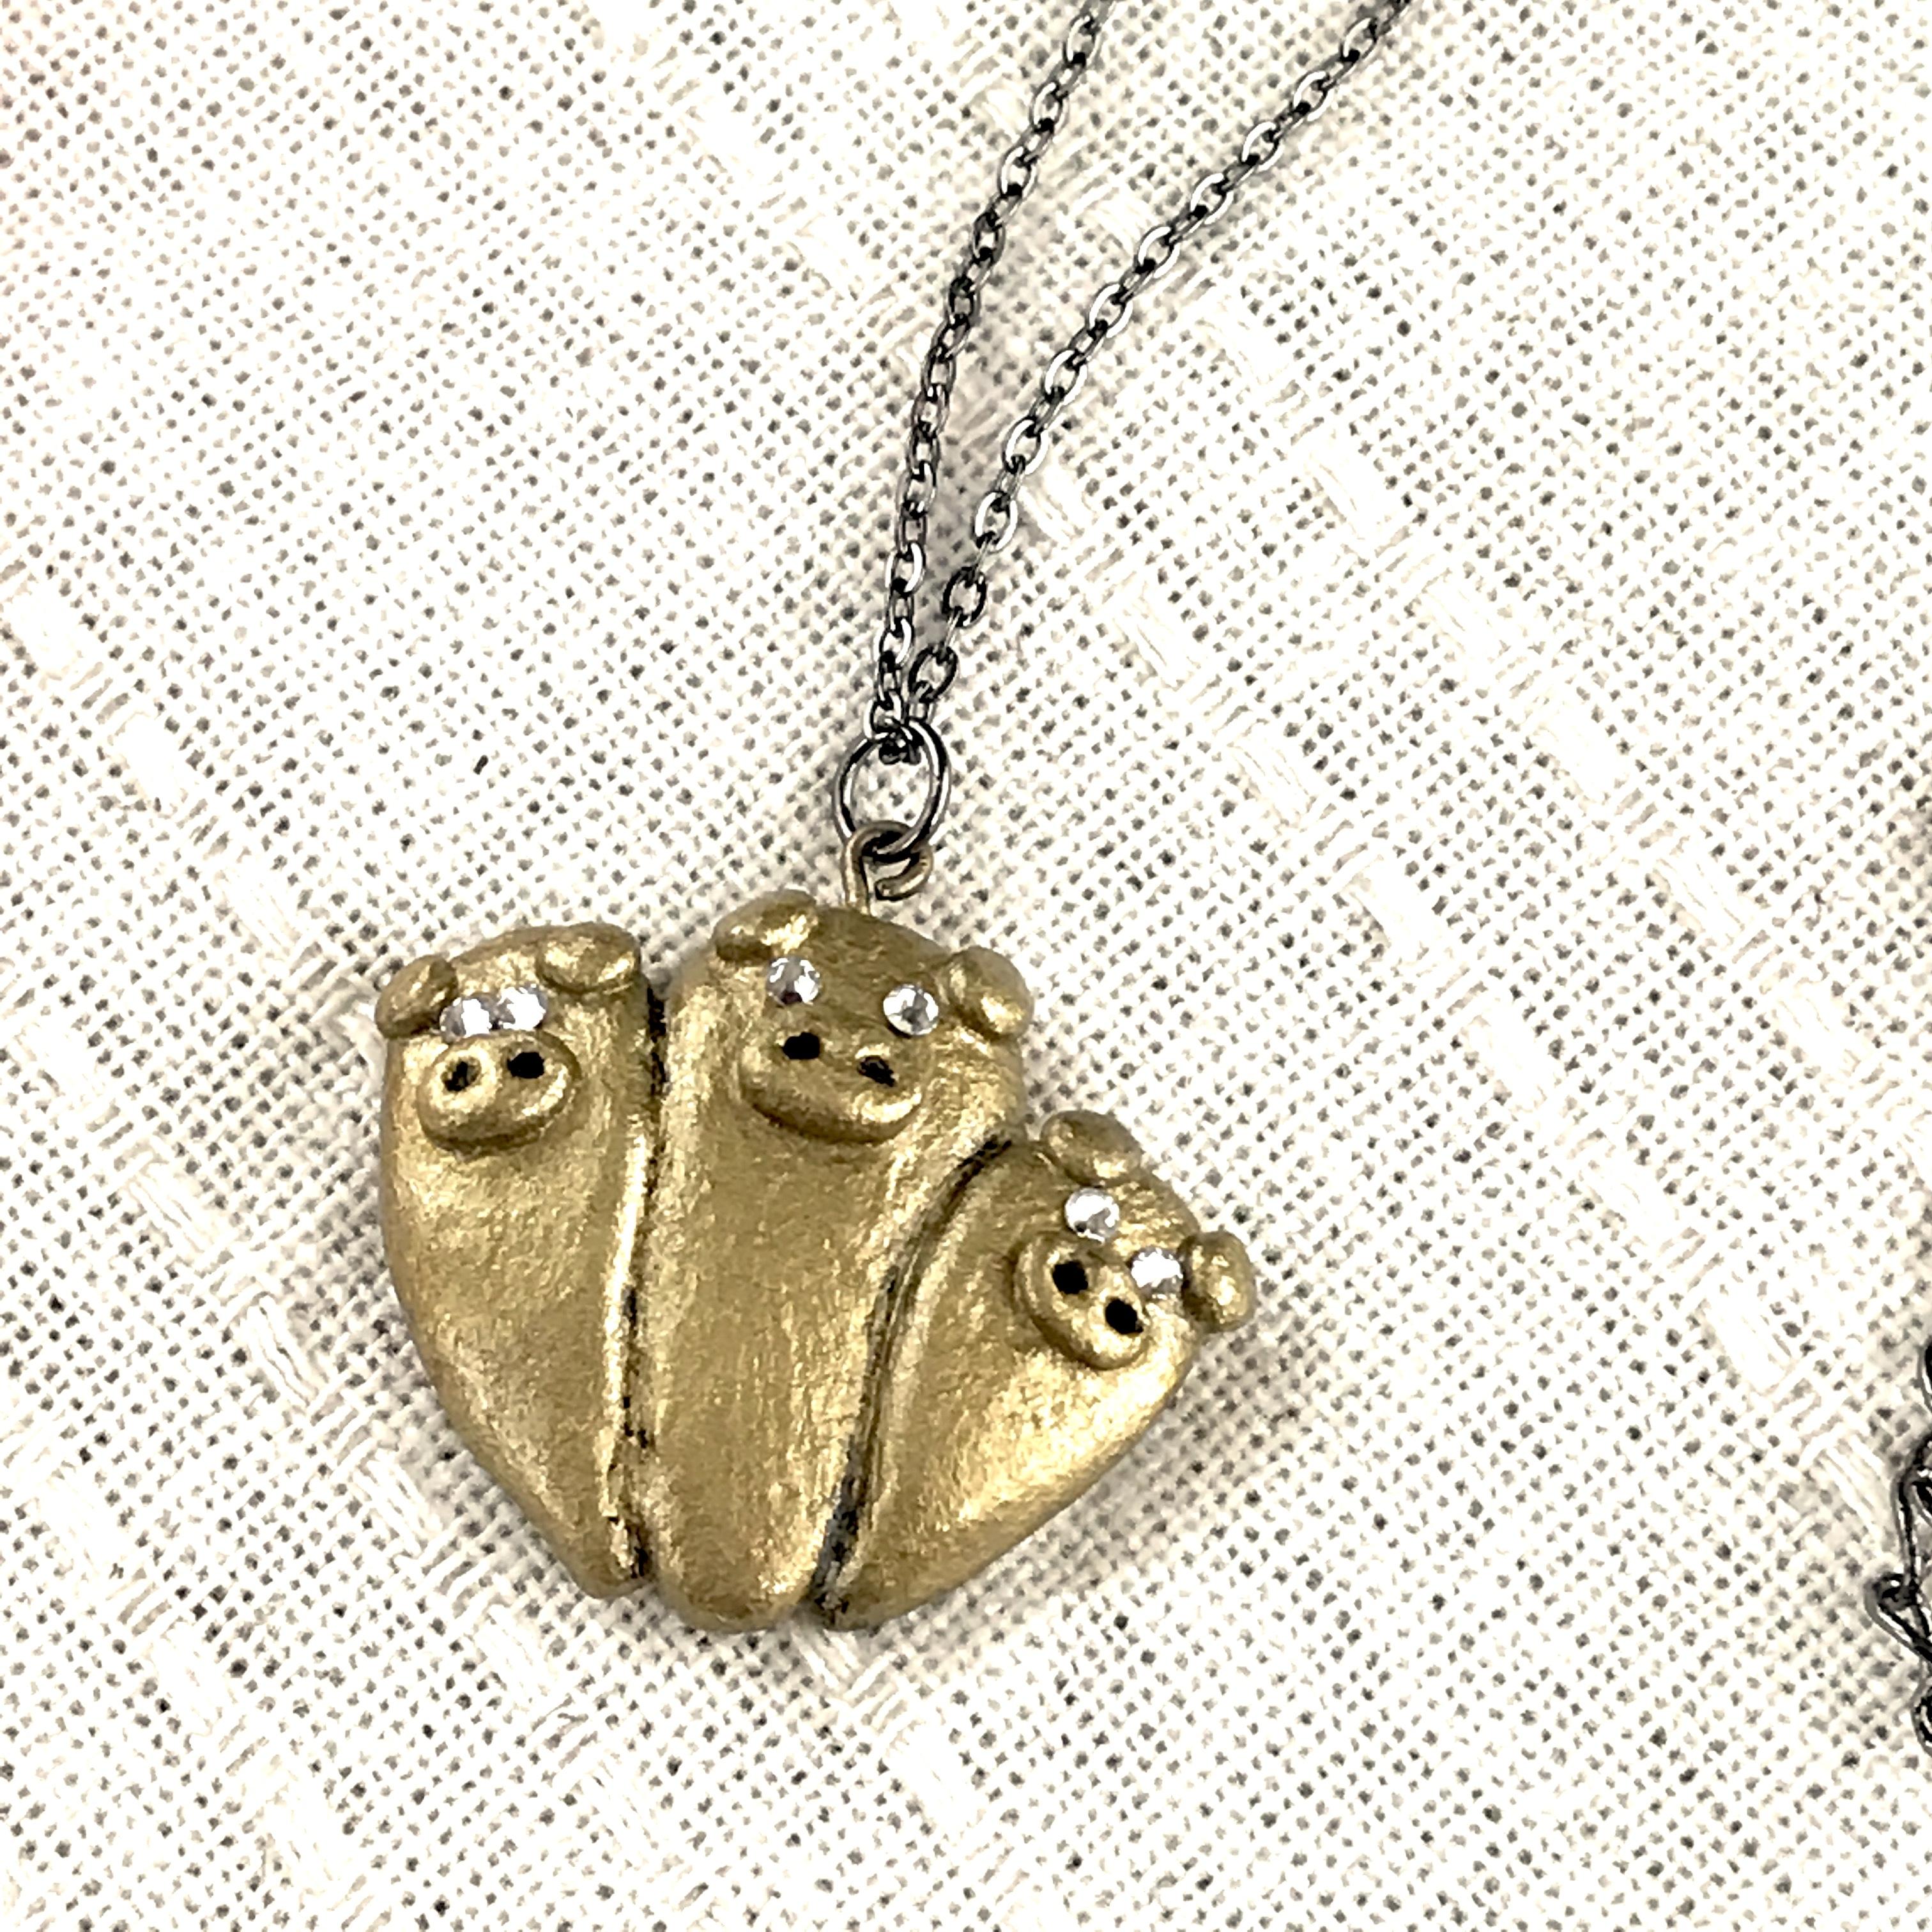 寄り添う三匹のぶたネックレス(ゴールド)〔メタル風軽量ネックレス〕